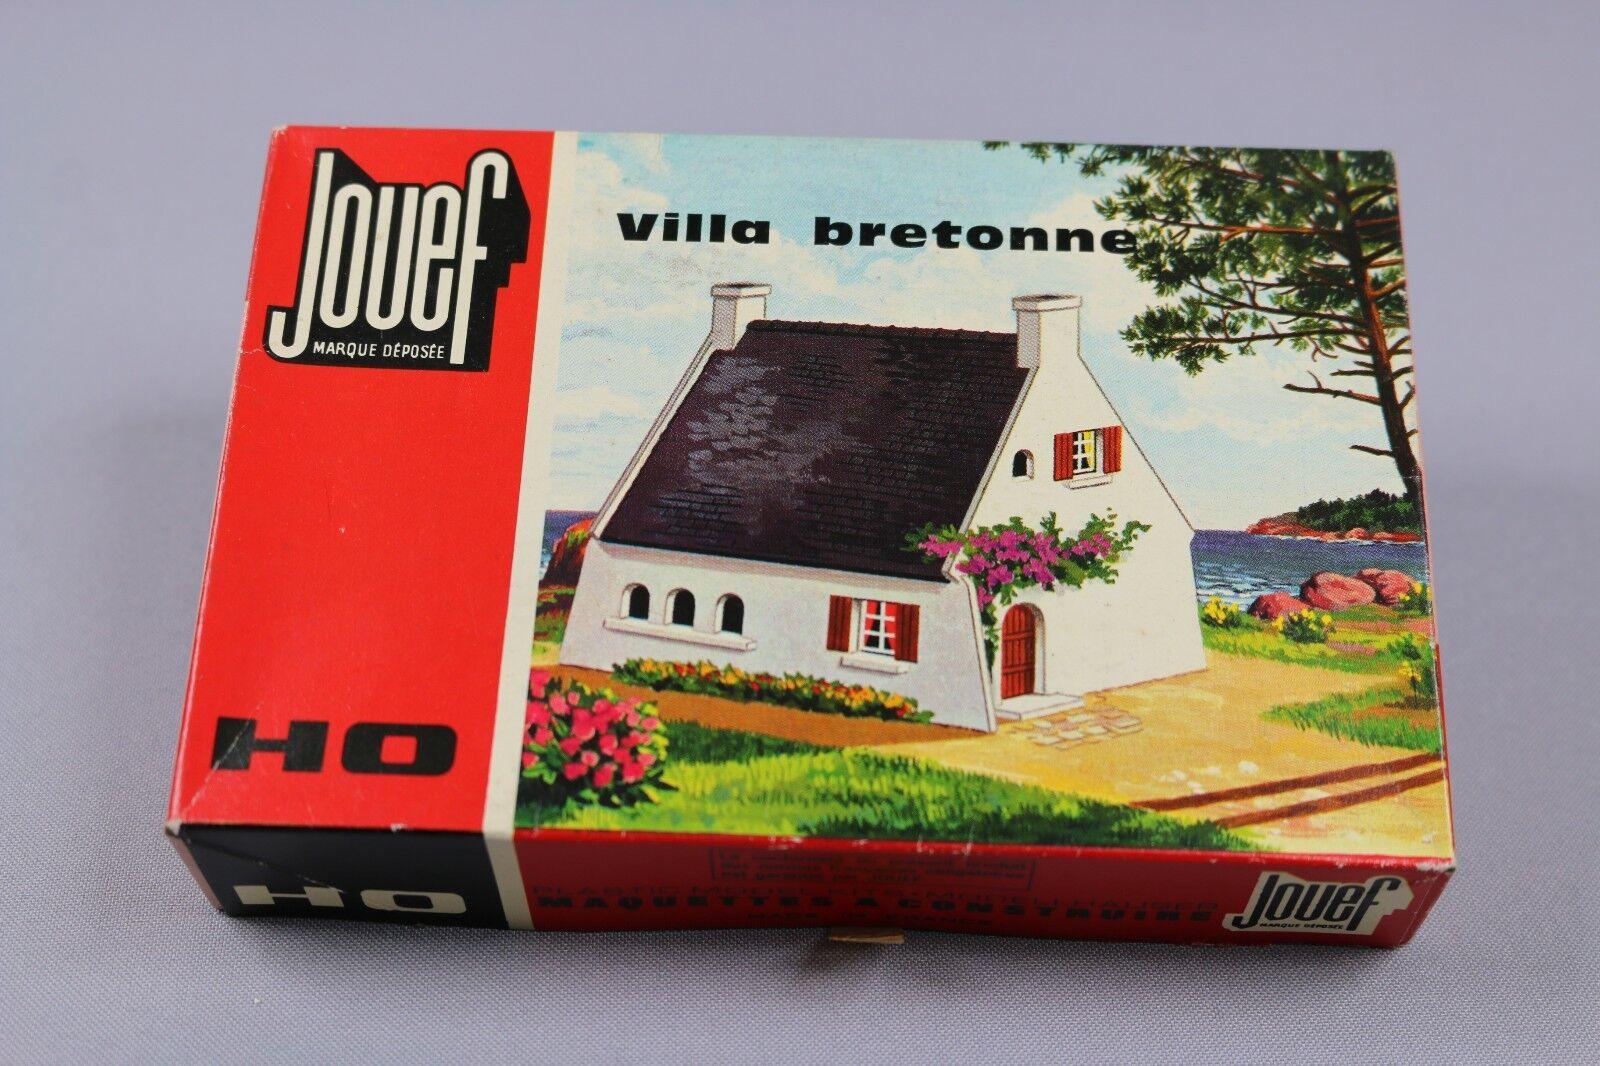 Z199 Jouef 1971 maquette train Ho 1:87 villa bretonne decor diorama maison kit